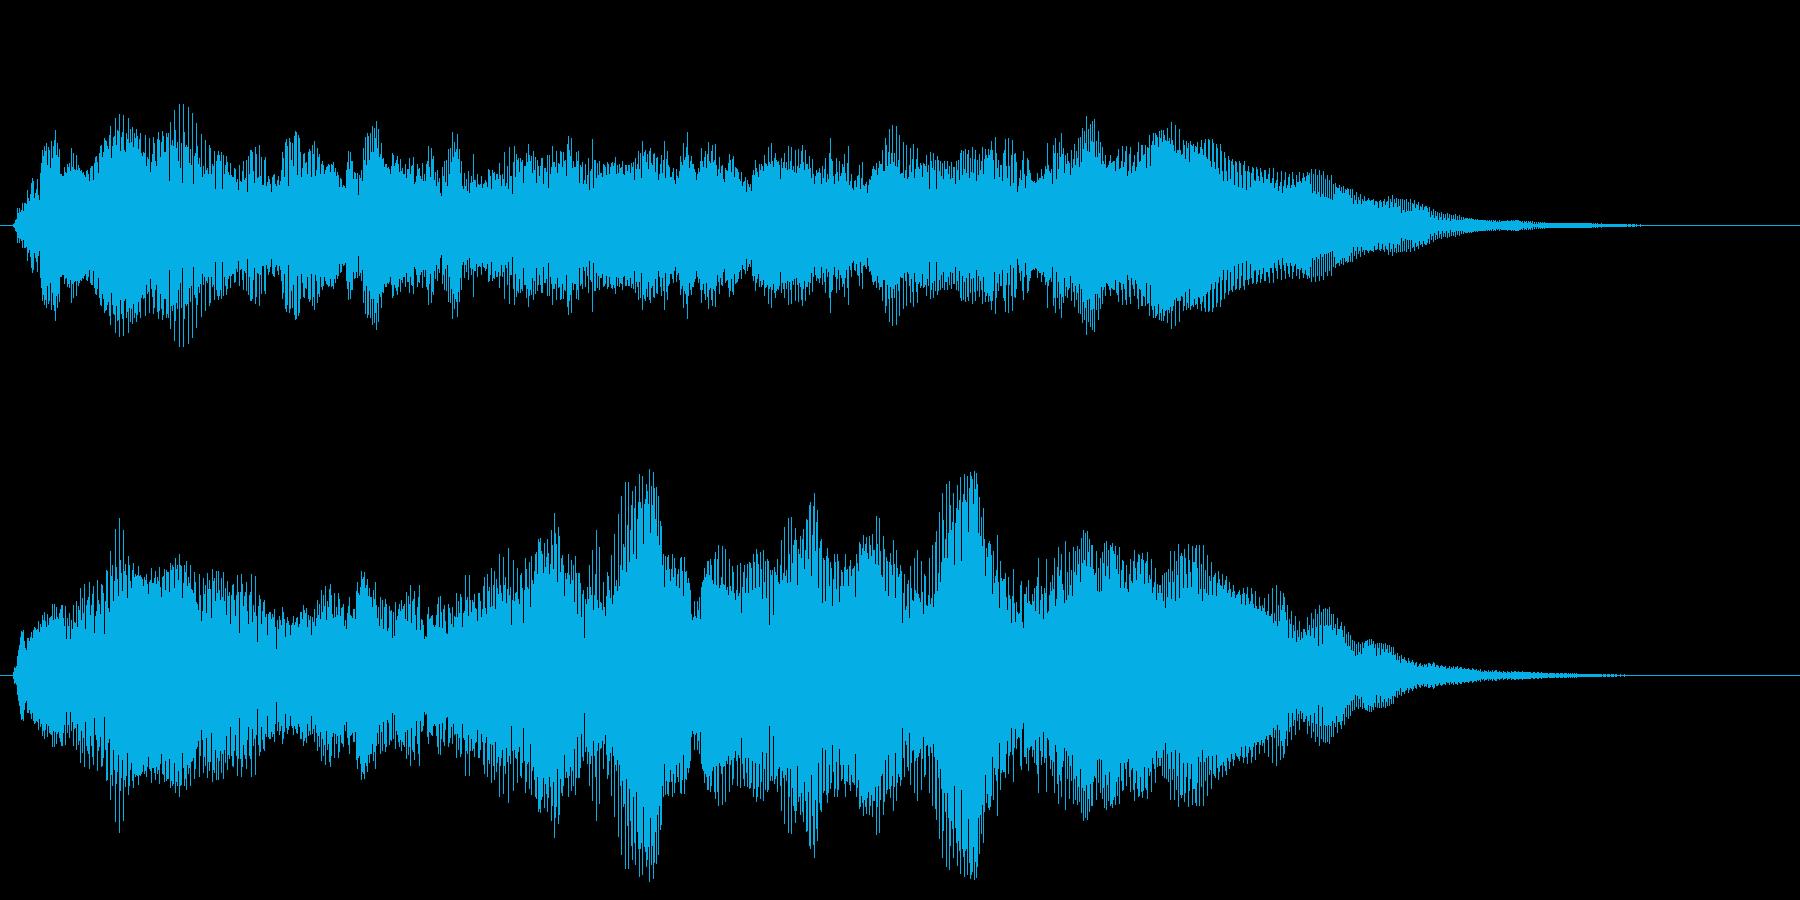 ファンファーレ シンプル版 トランペットの再生済みの波形